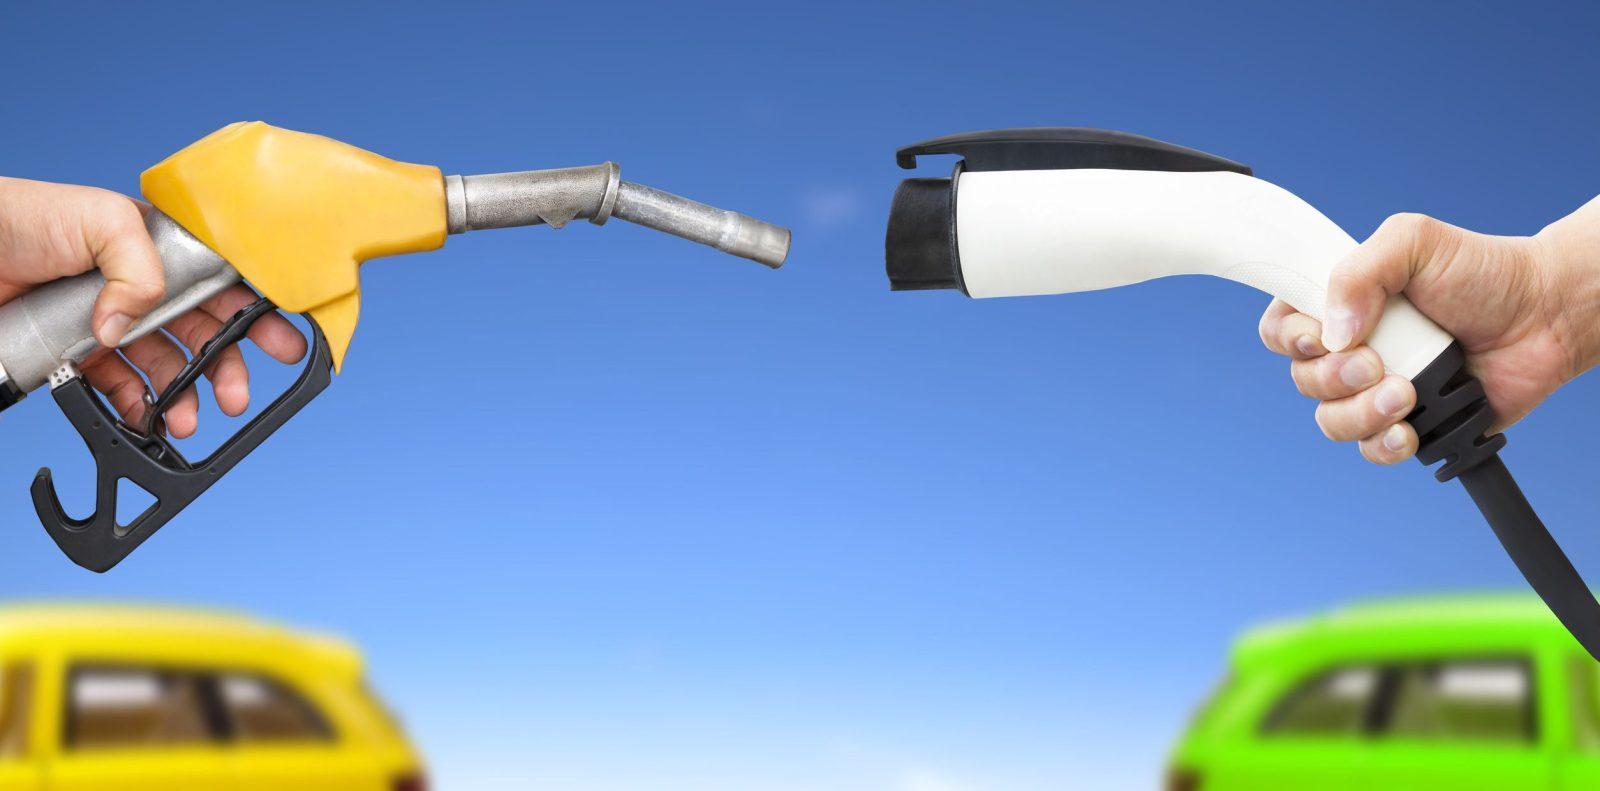 carros eletricos vs carros diesel